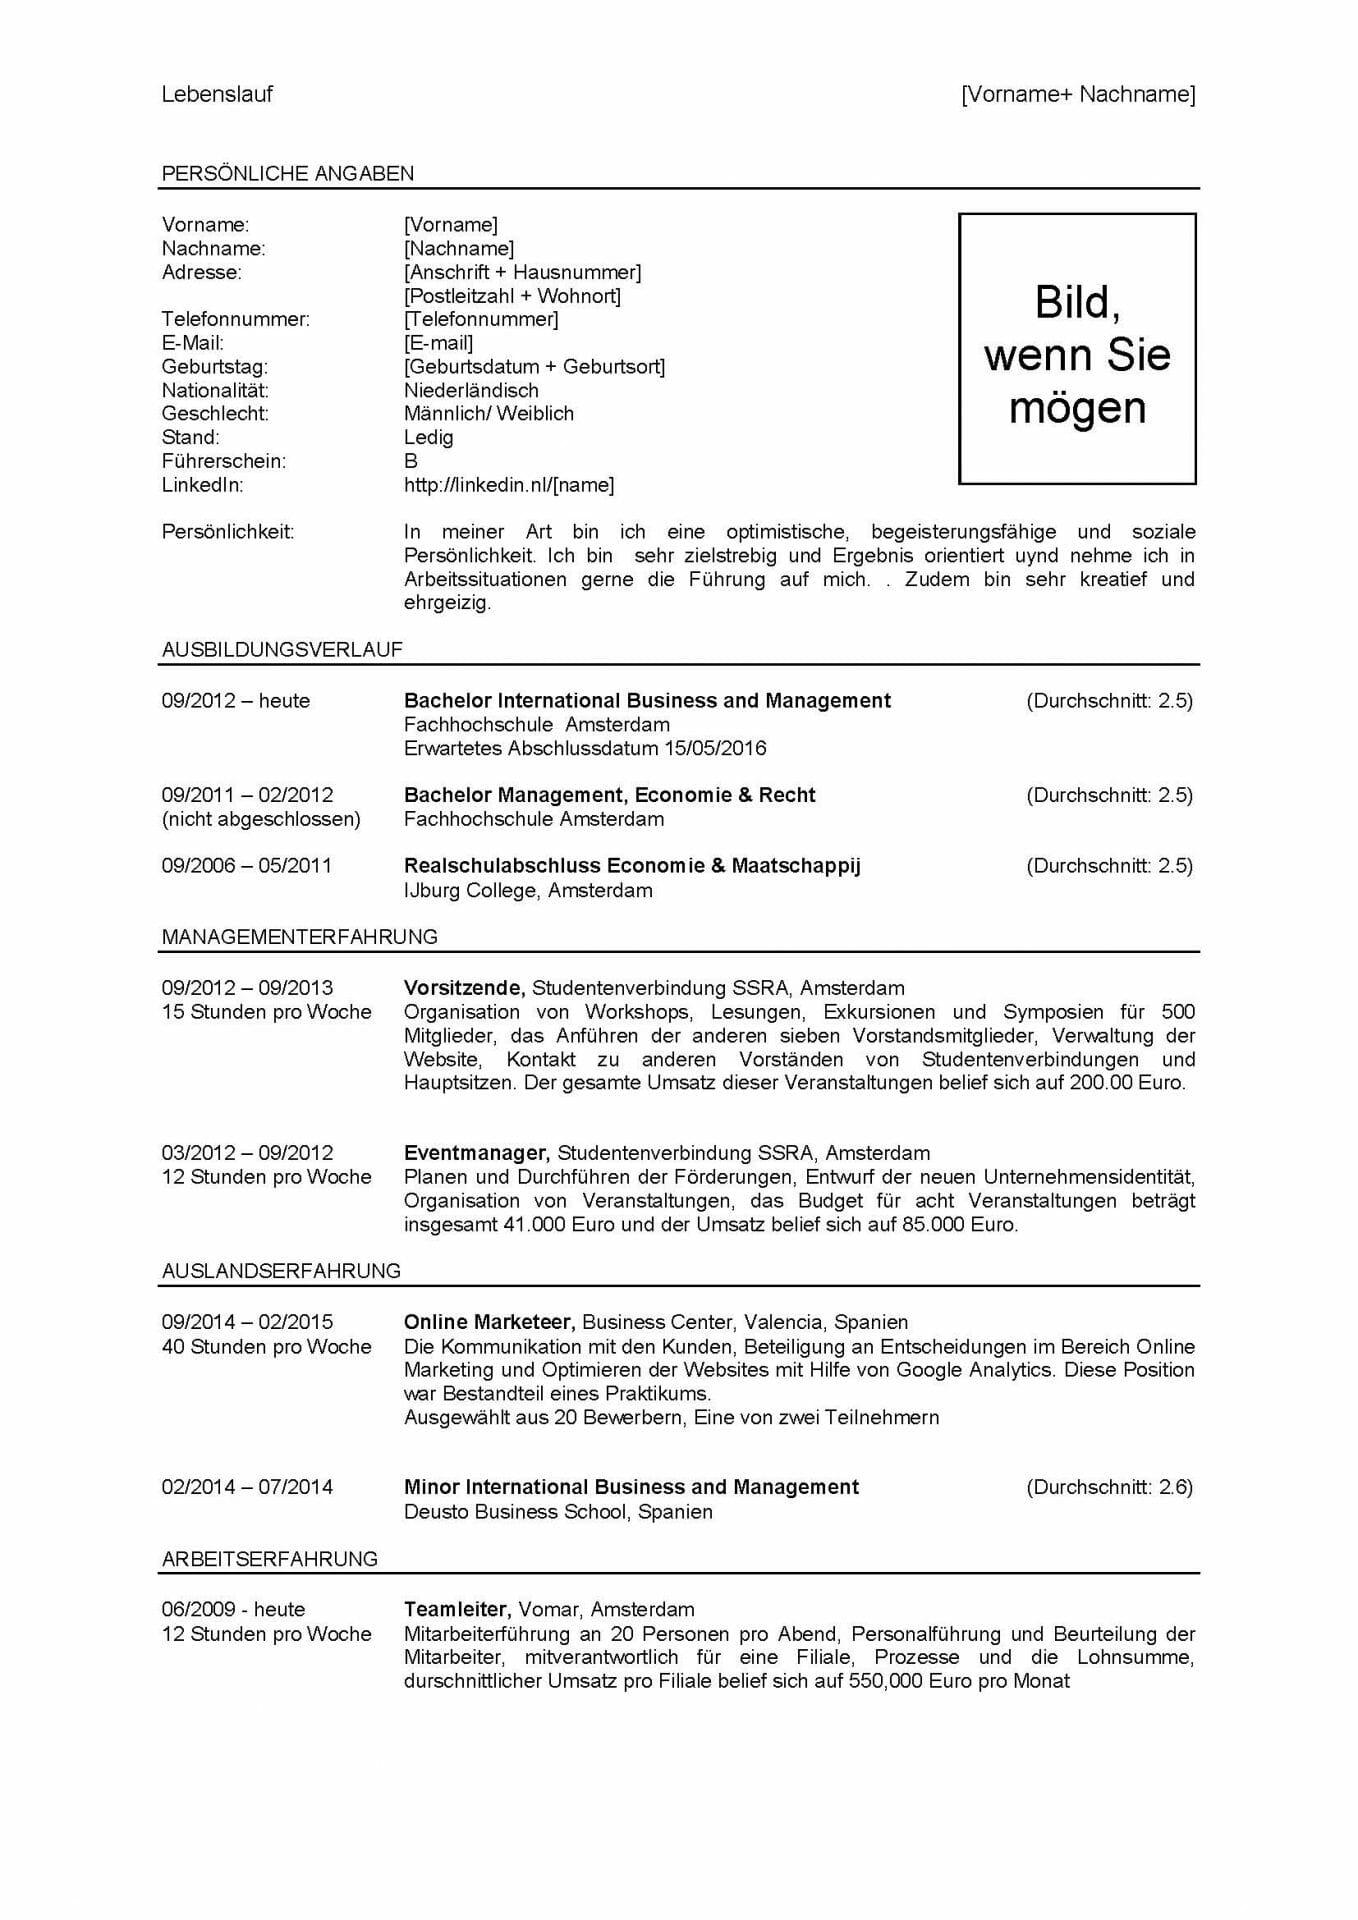 Voorbeeld Curriculum Vitae Duits Sollicitatieblog